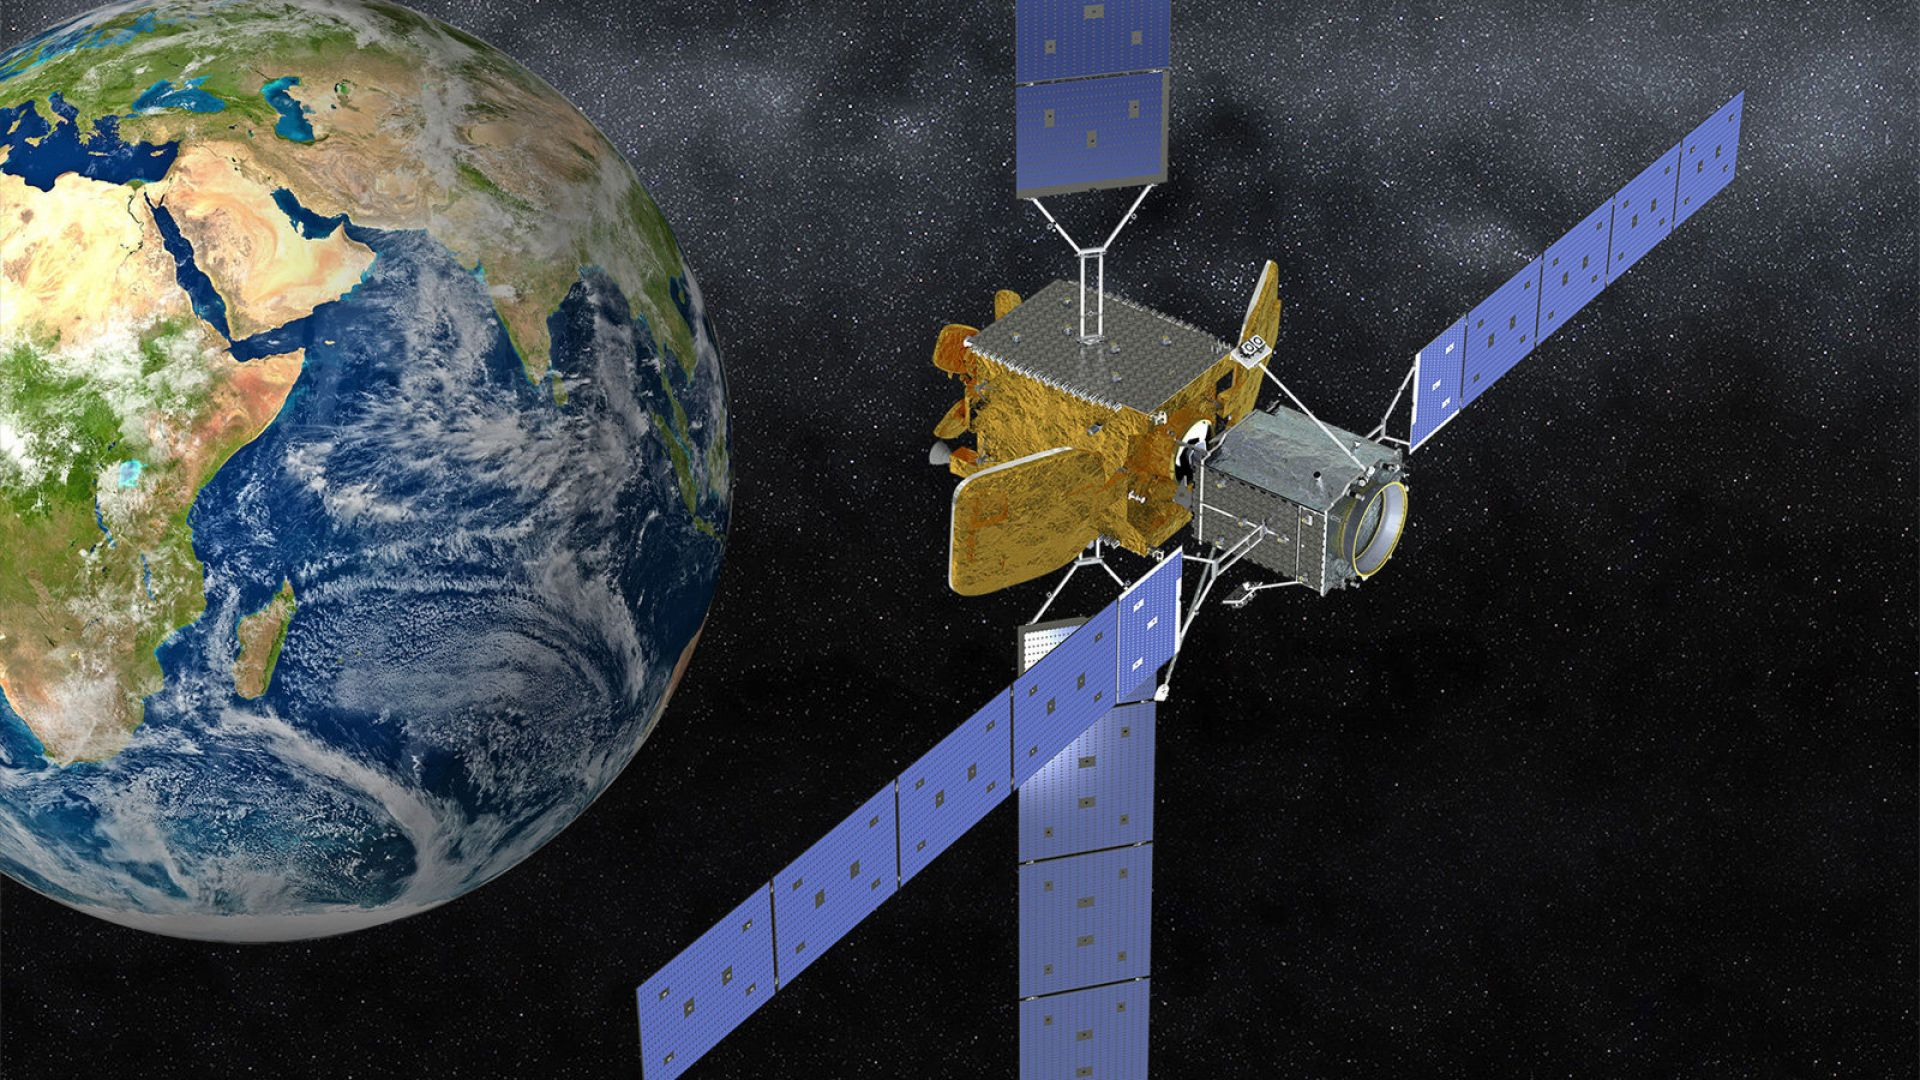 САЩ разработва сателит за презареждане на спътници